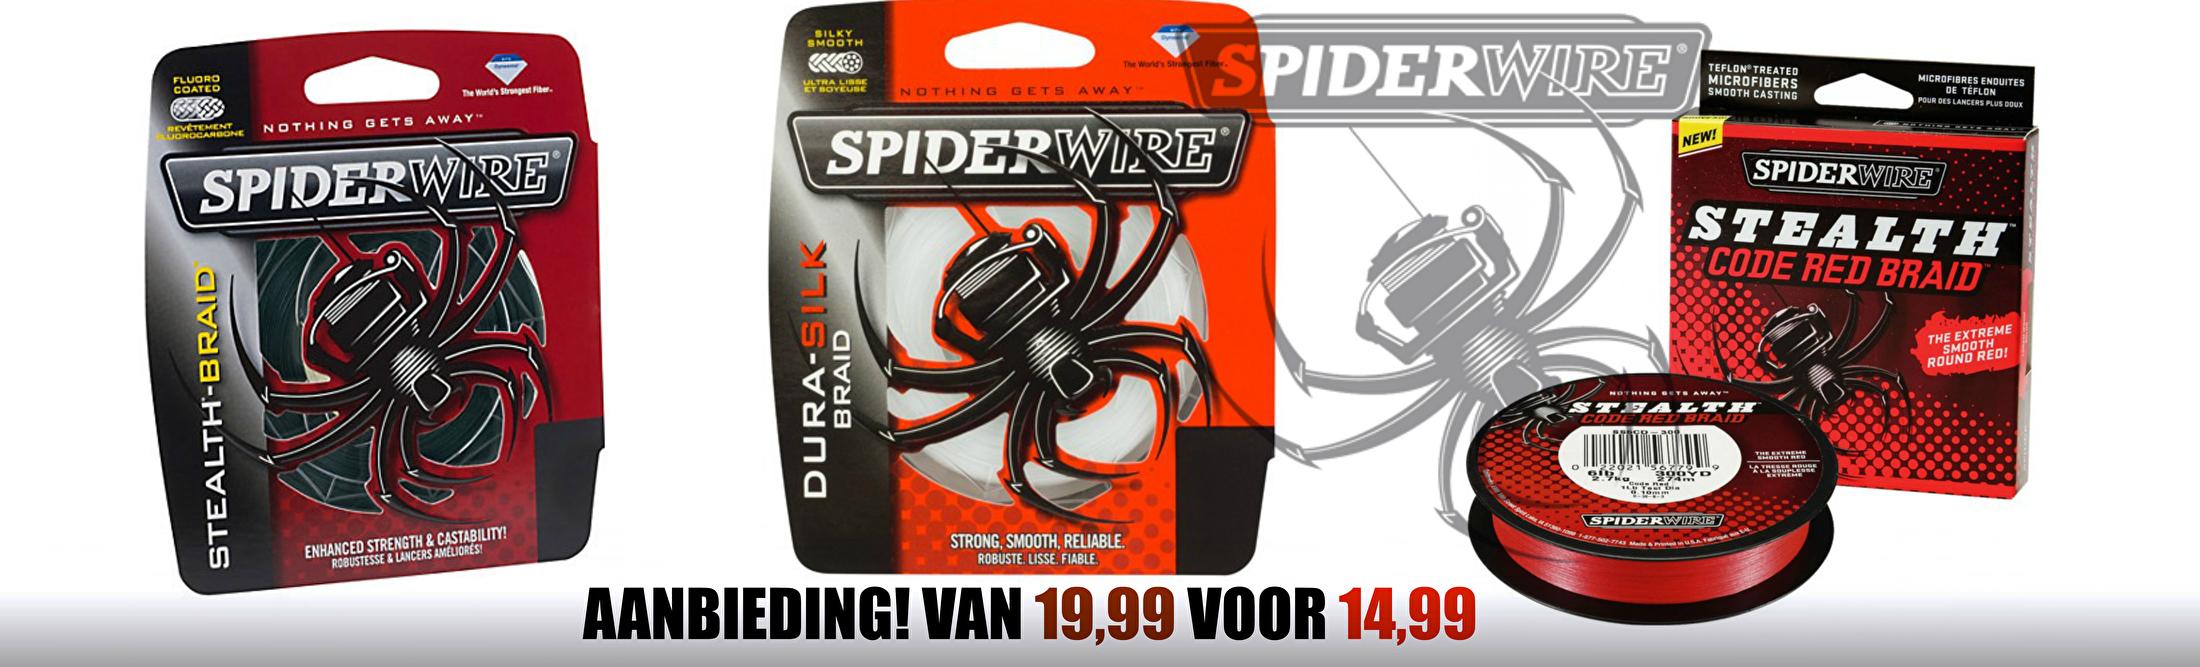 Spiderwire actie